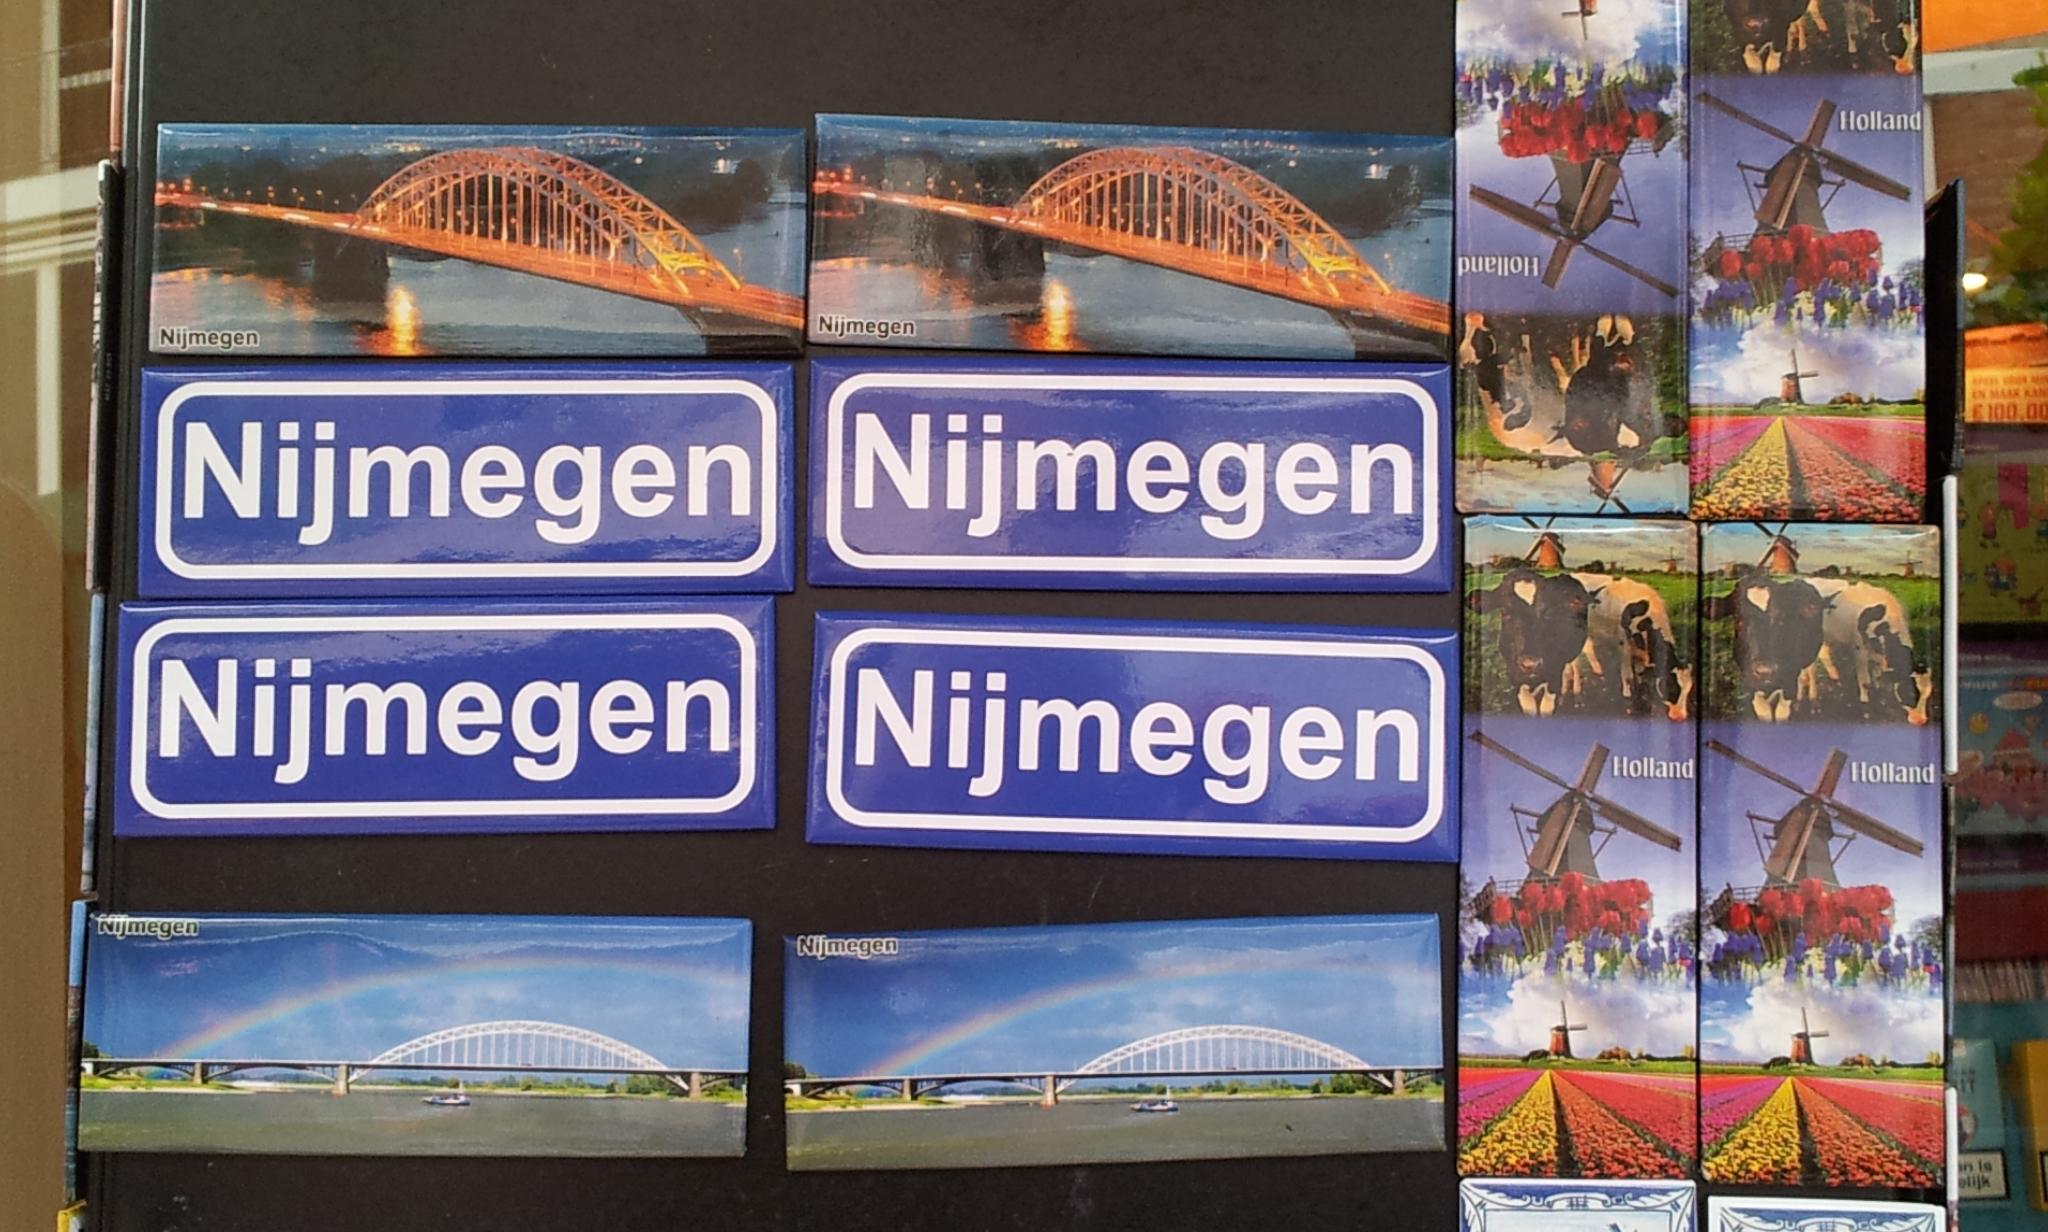 2014-07-13 12.45.50 magneet Nijmegen